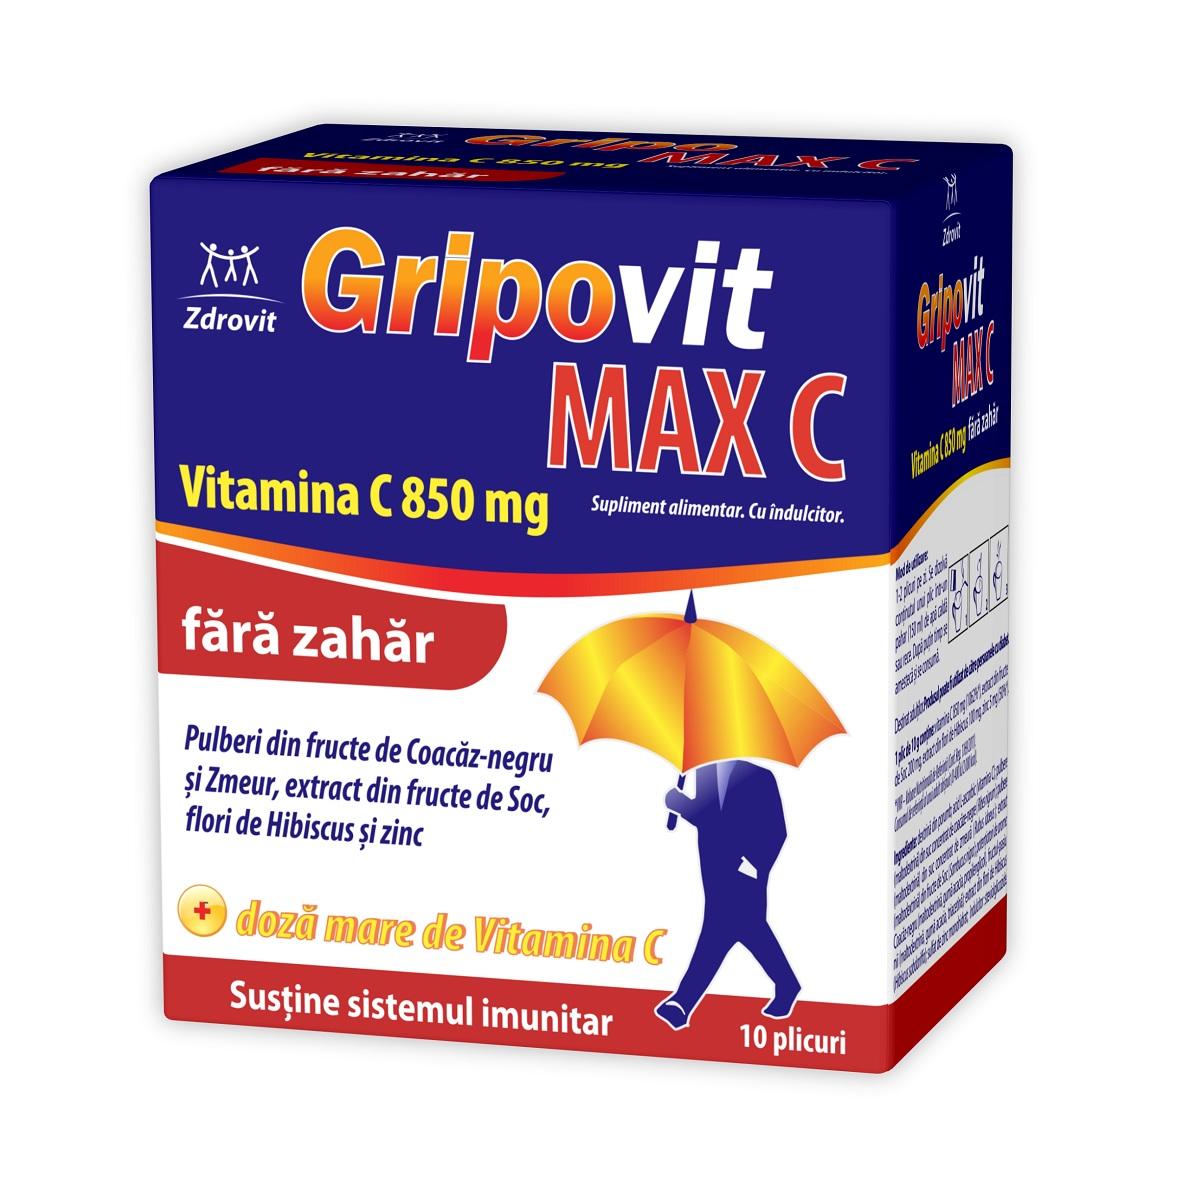 Gripovit Max C fara zahar, 10 plicuri, Zdrovit drmax.ro